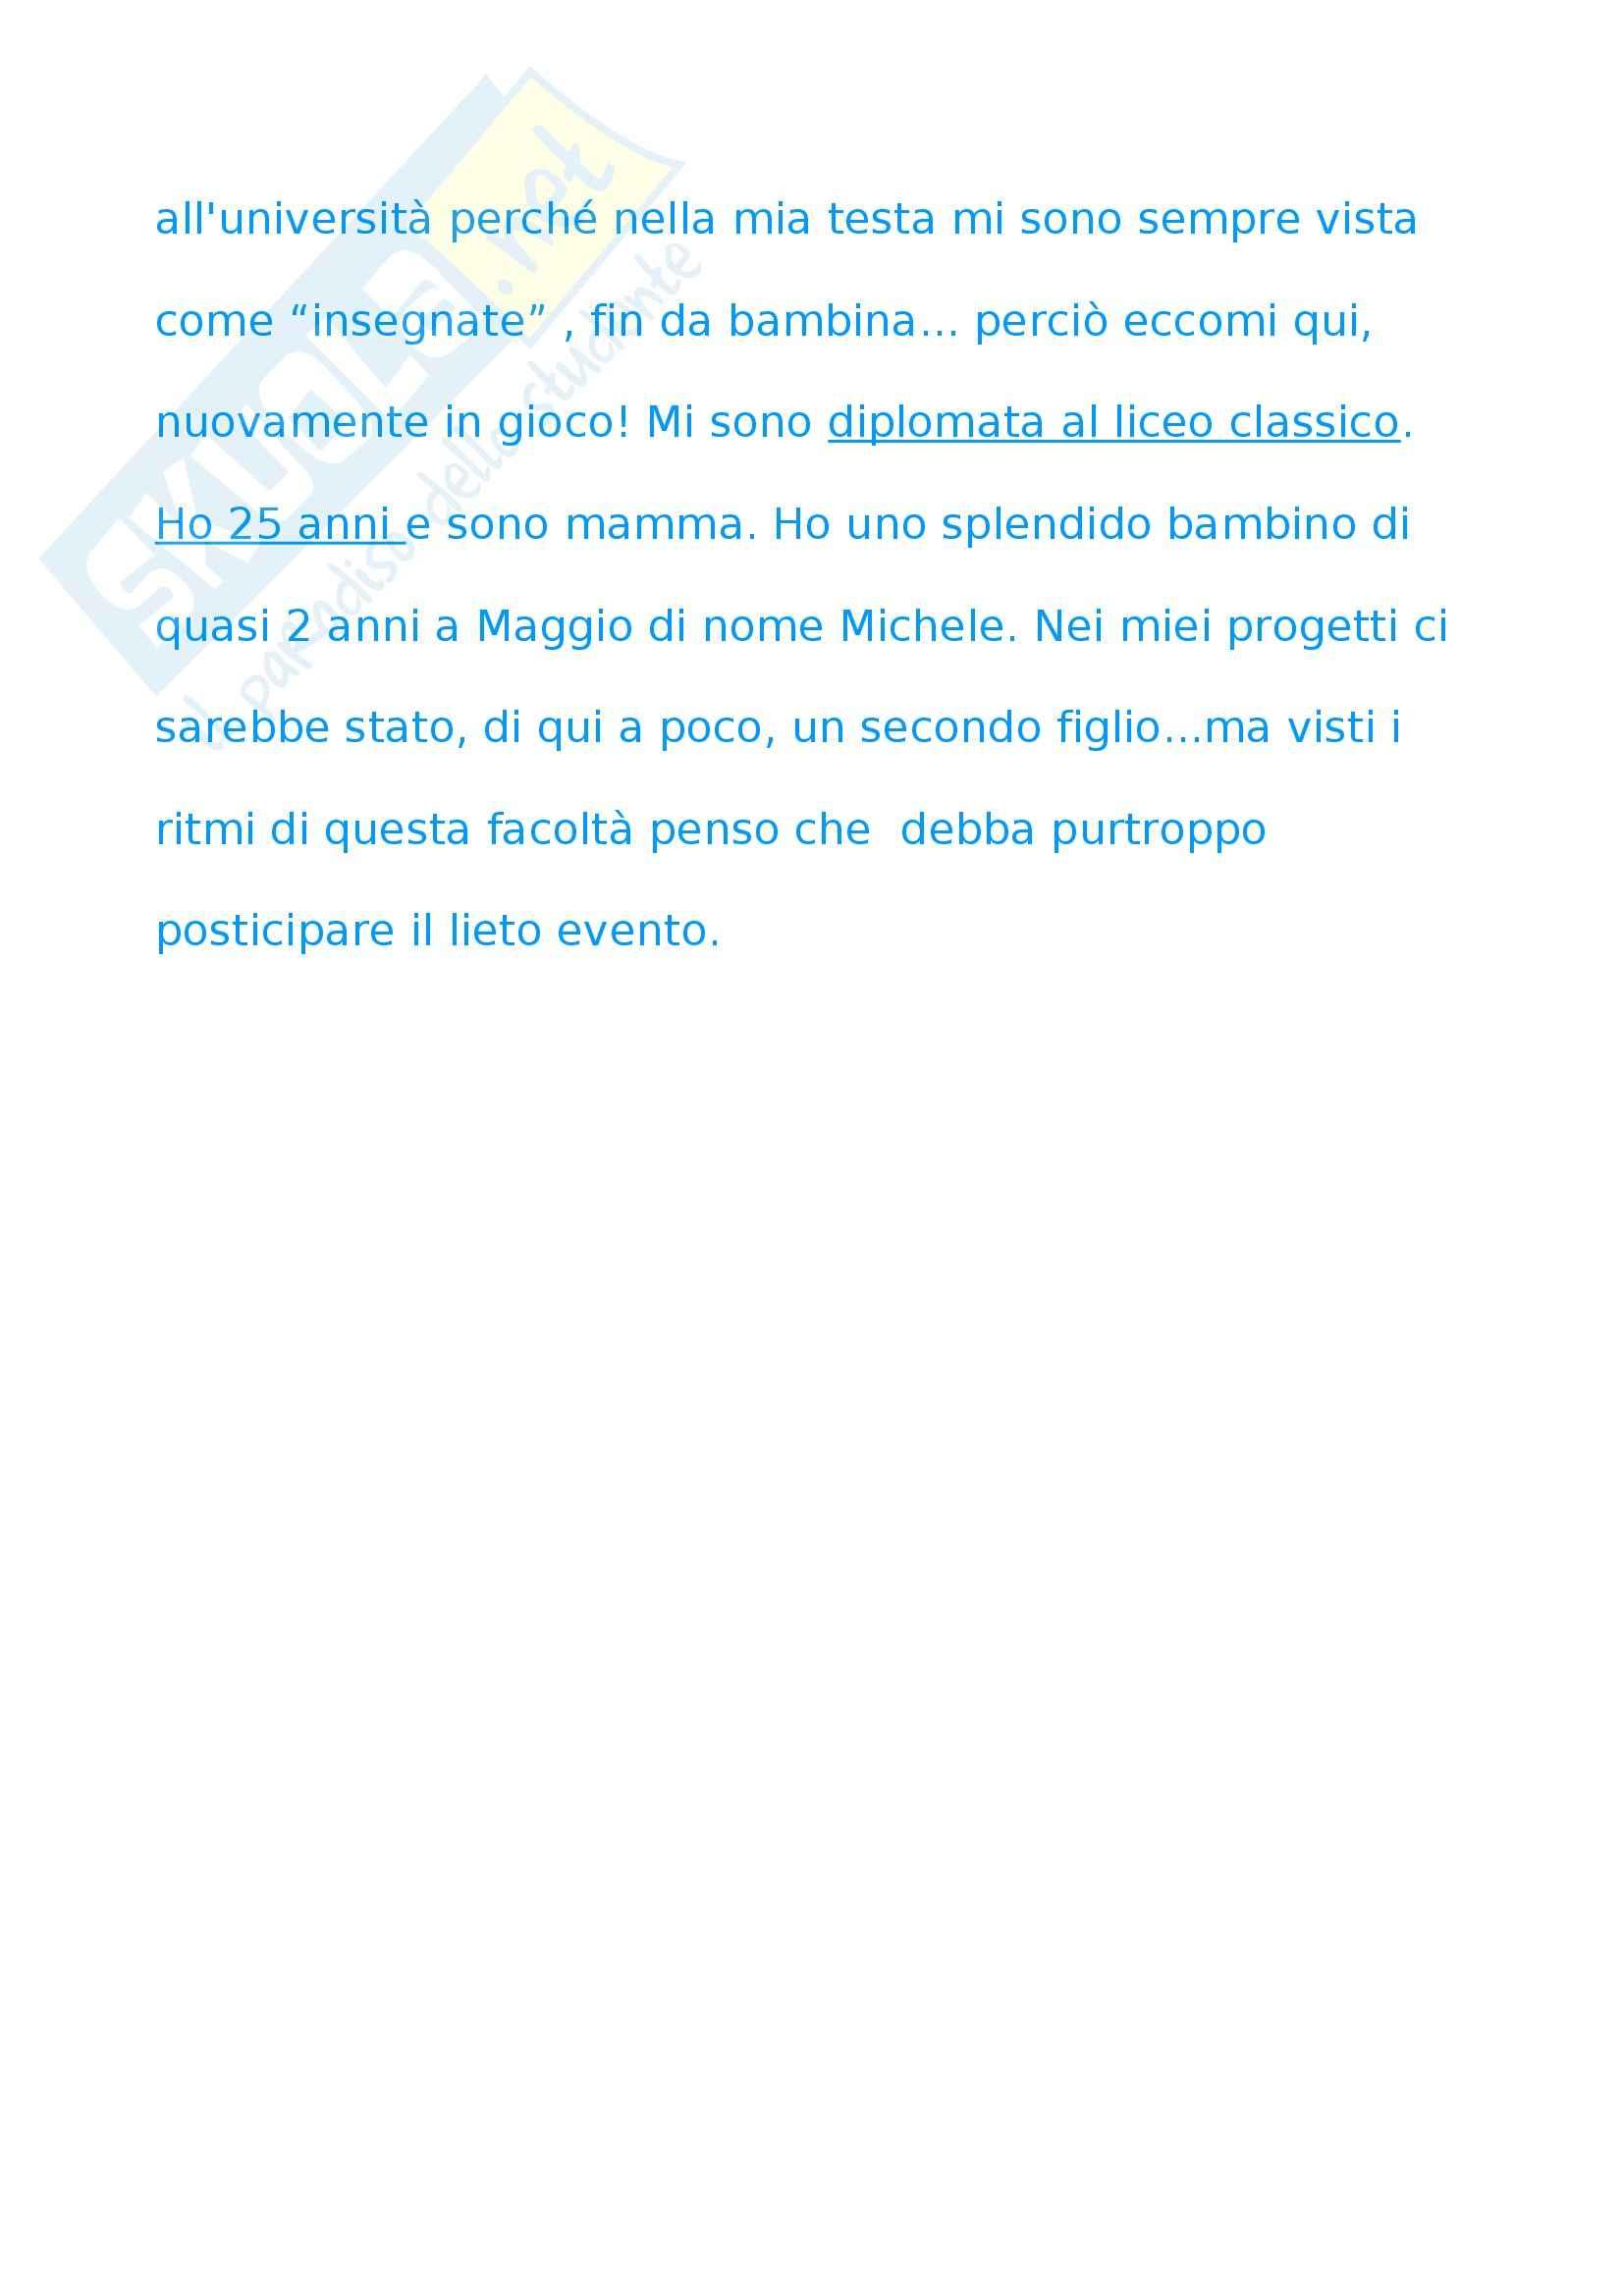 Diario di bordo, Didattica attiva Pag. 6